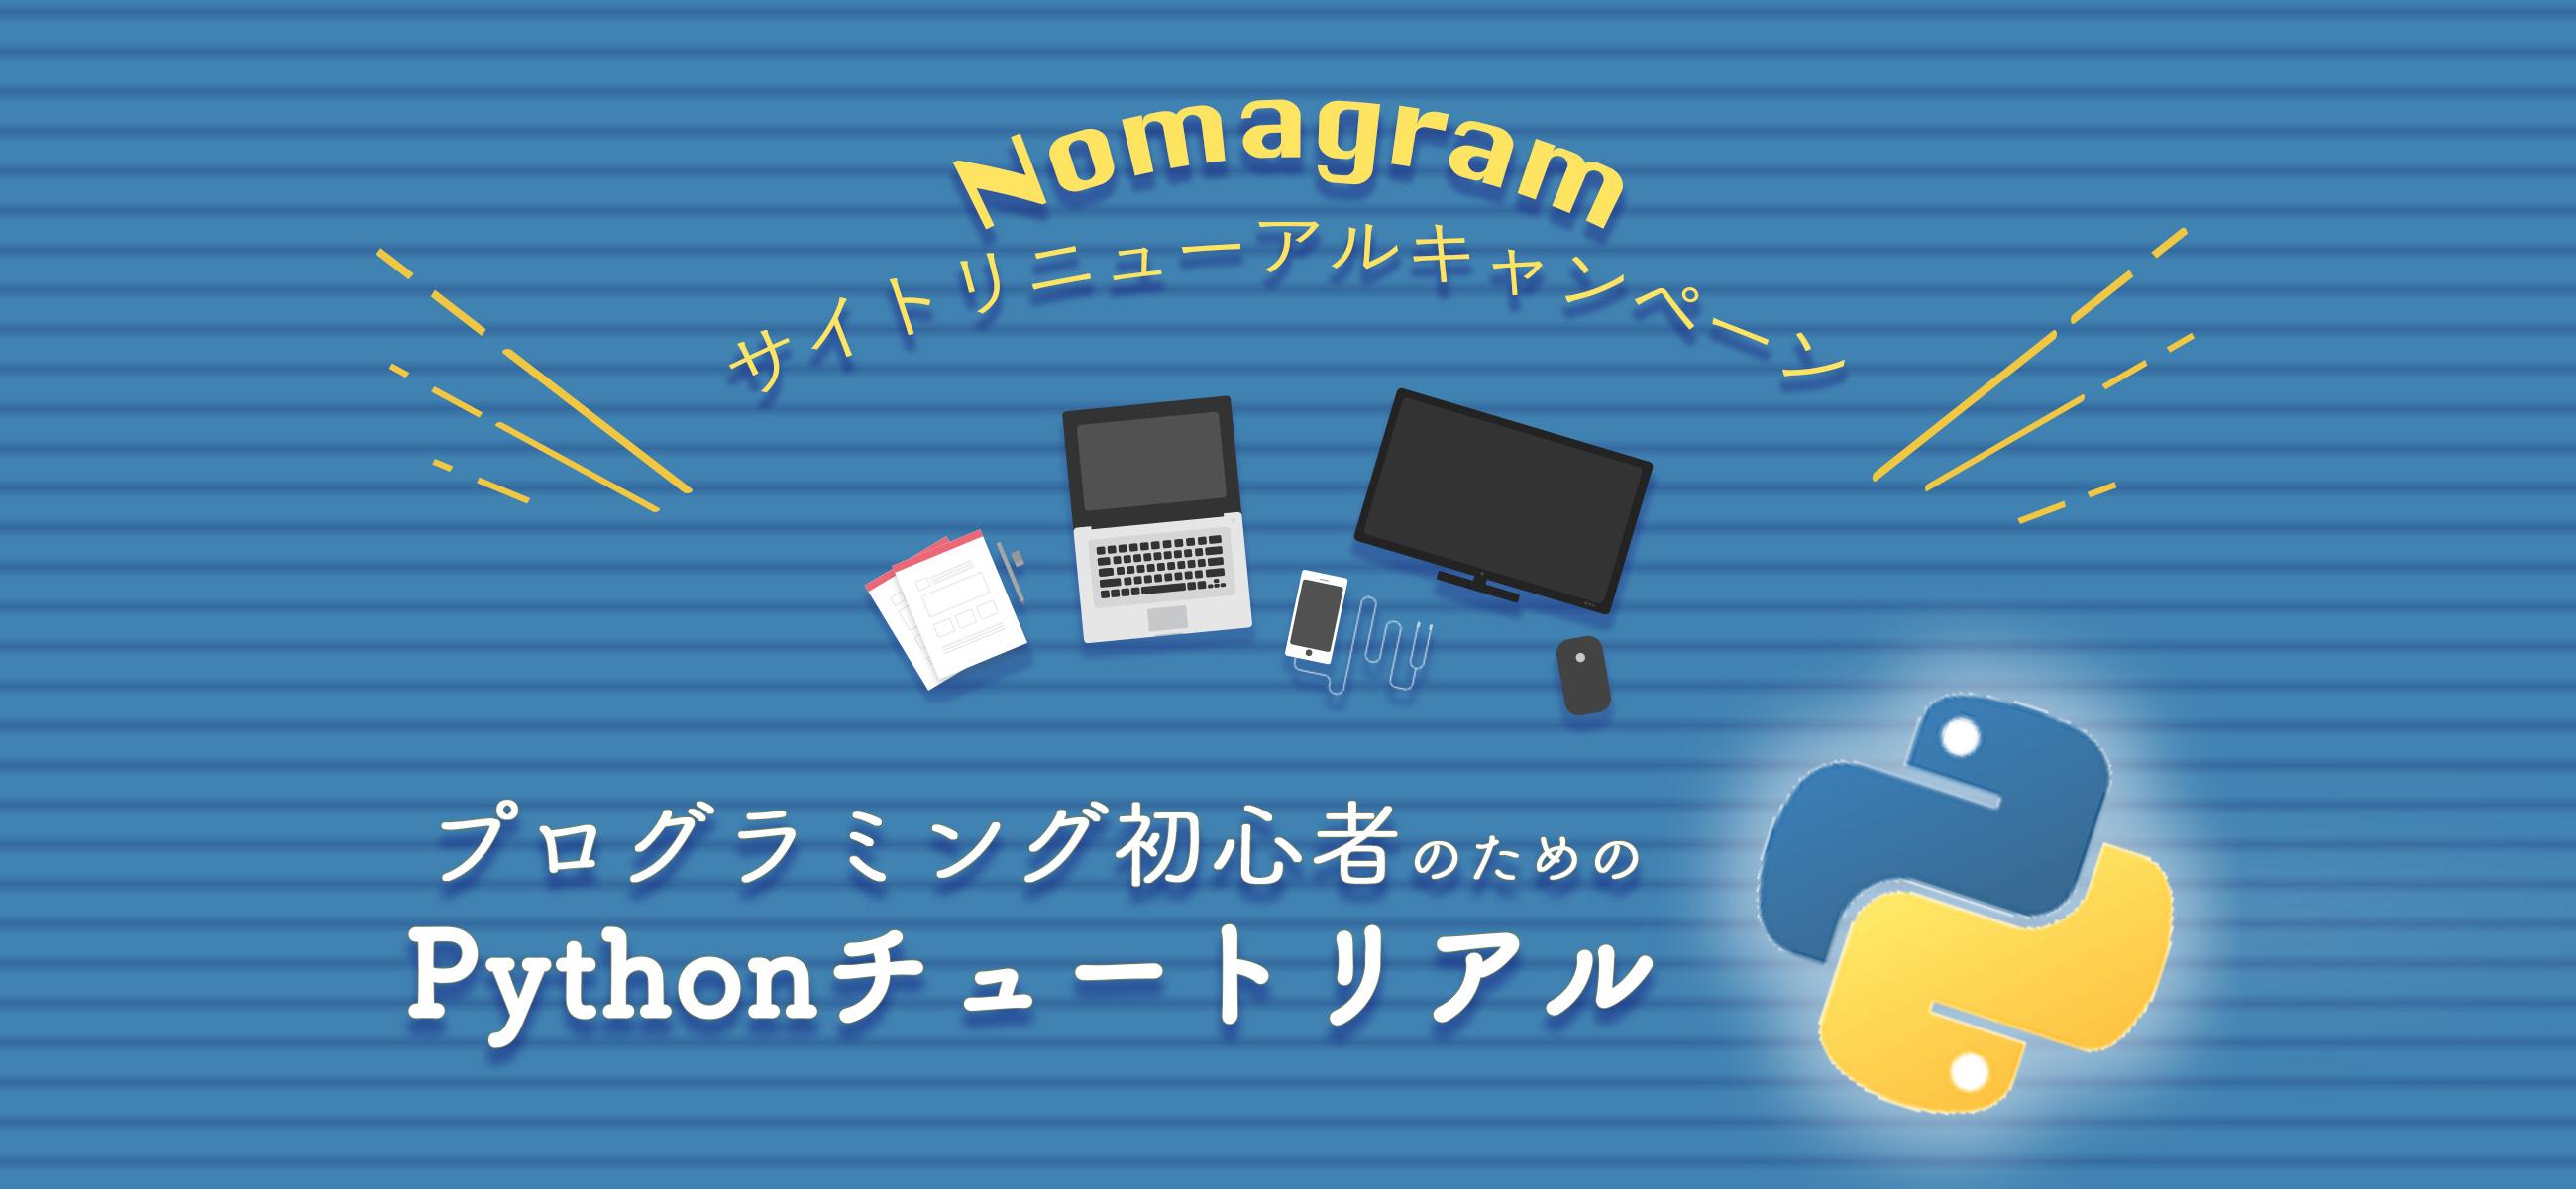 nomagram - Node.js - ダウンロードとインストール手順